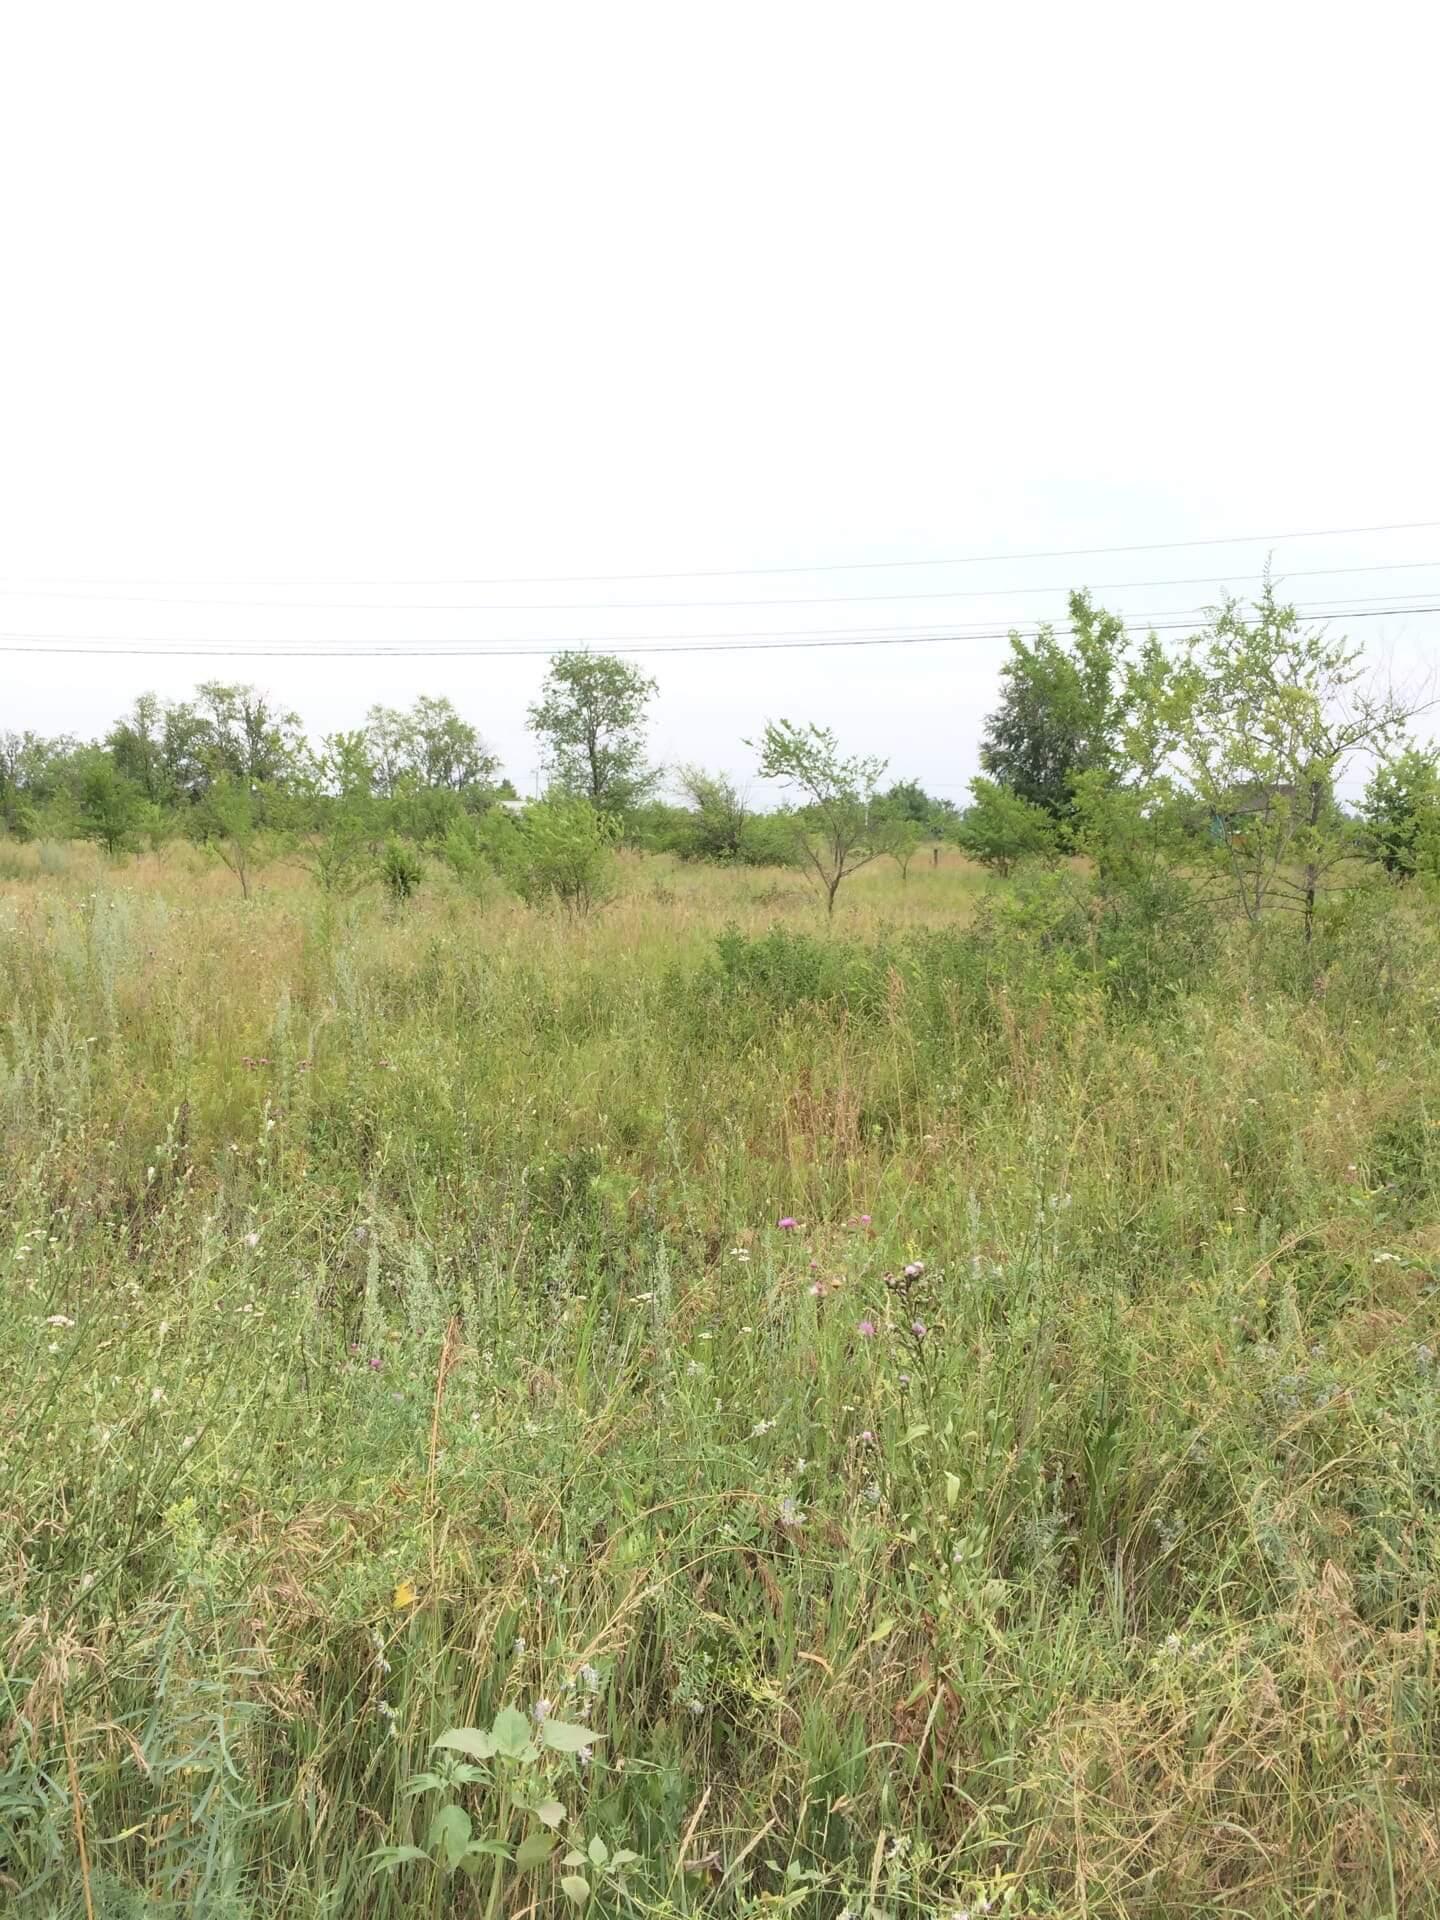 Земельный участок, г. Кинель (Сосновый бор), агентство недвижимости Александра Замула